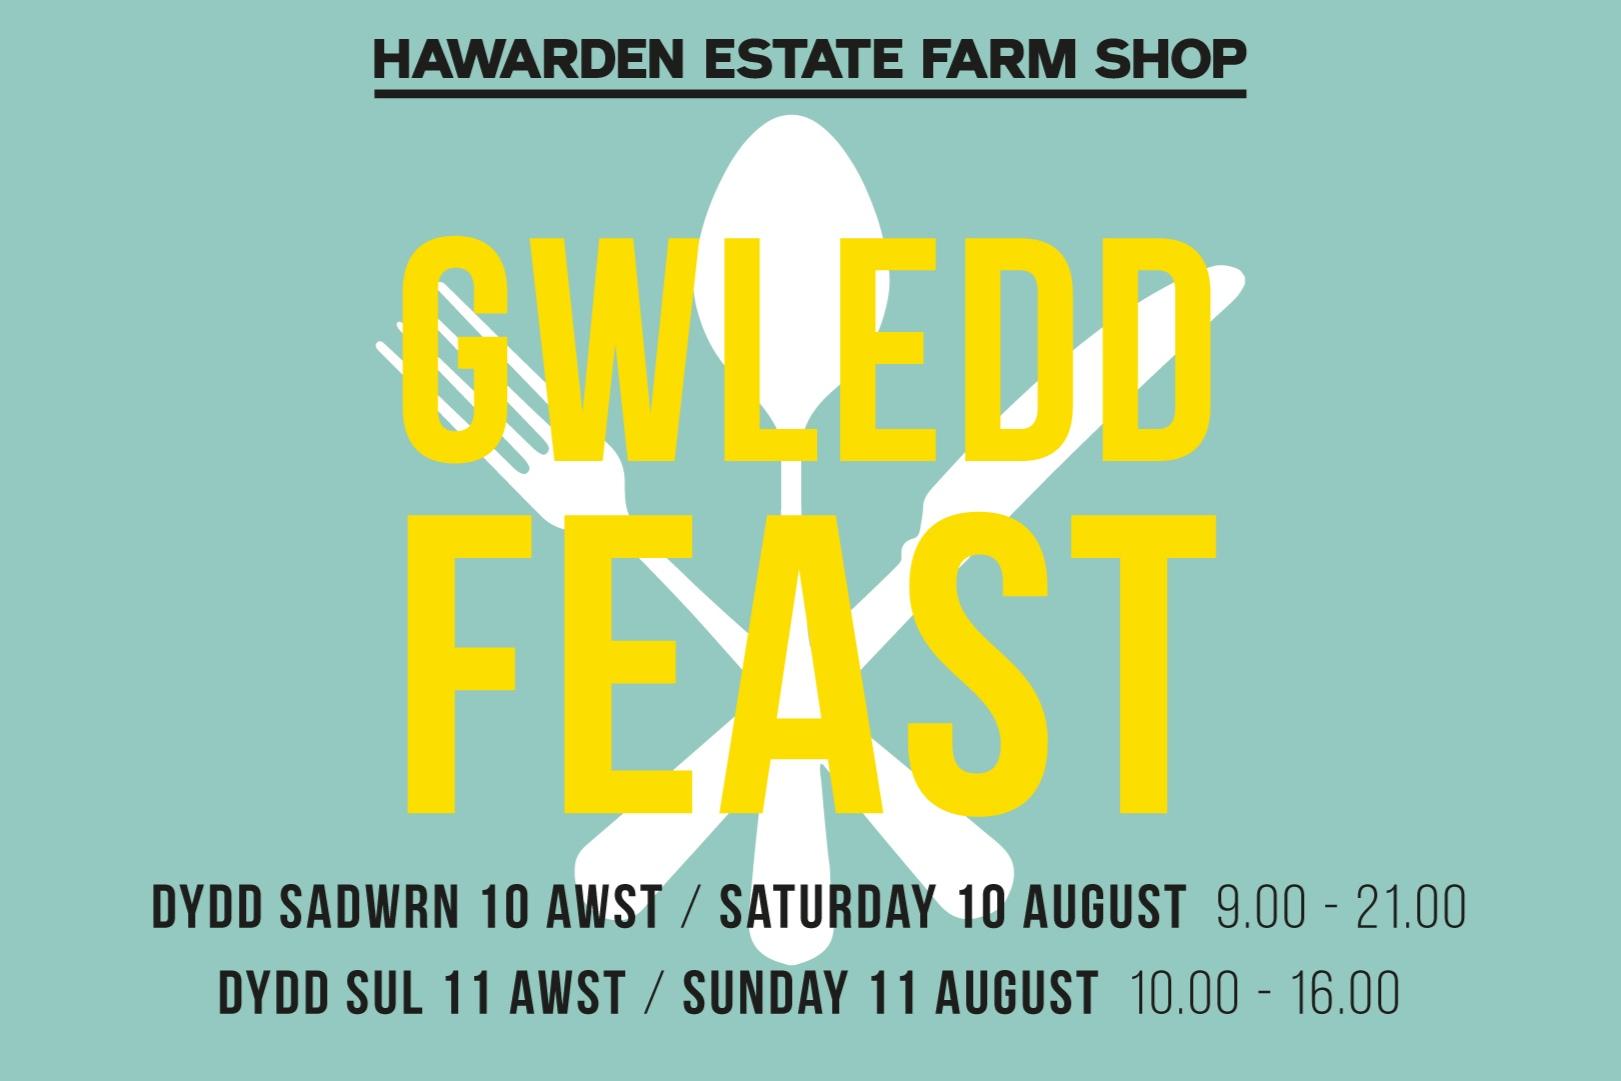 Gwledd+Feast+Hawarden+2019.jpg